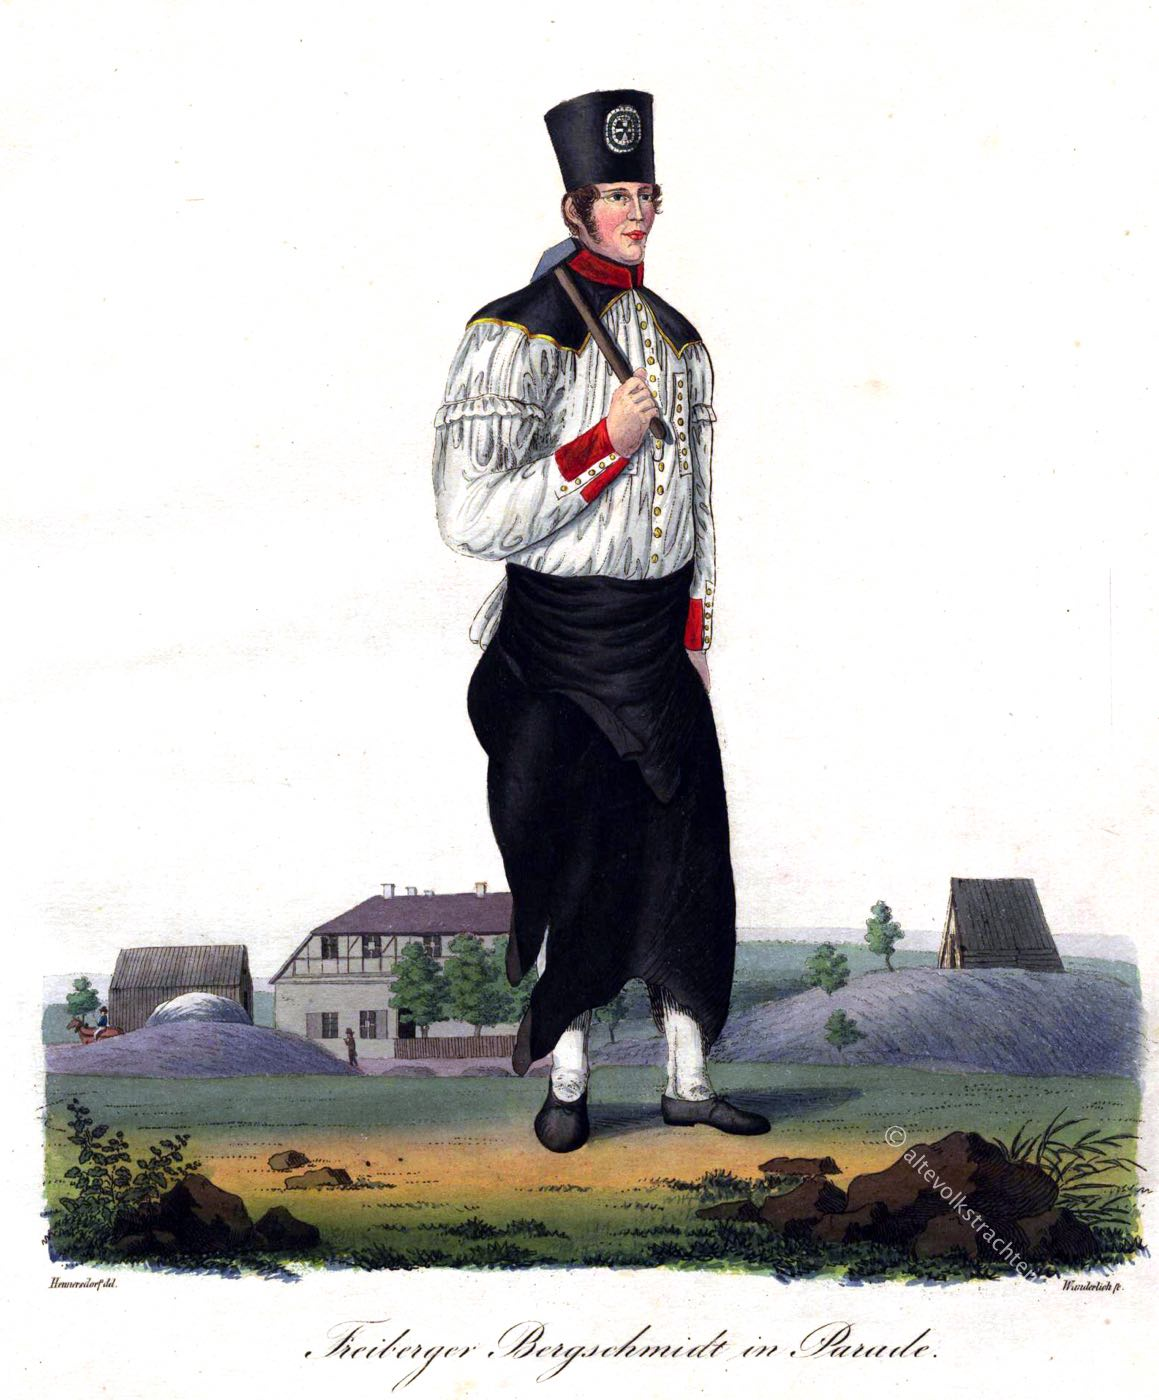 Freiberg, Sachsen, Trachten, Bergarbeiter, Hüttenleute, Bergschmidt, Bergschmied, Paradetracht